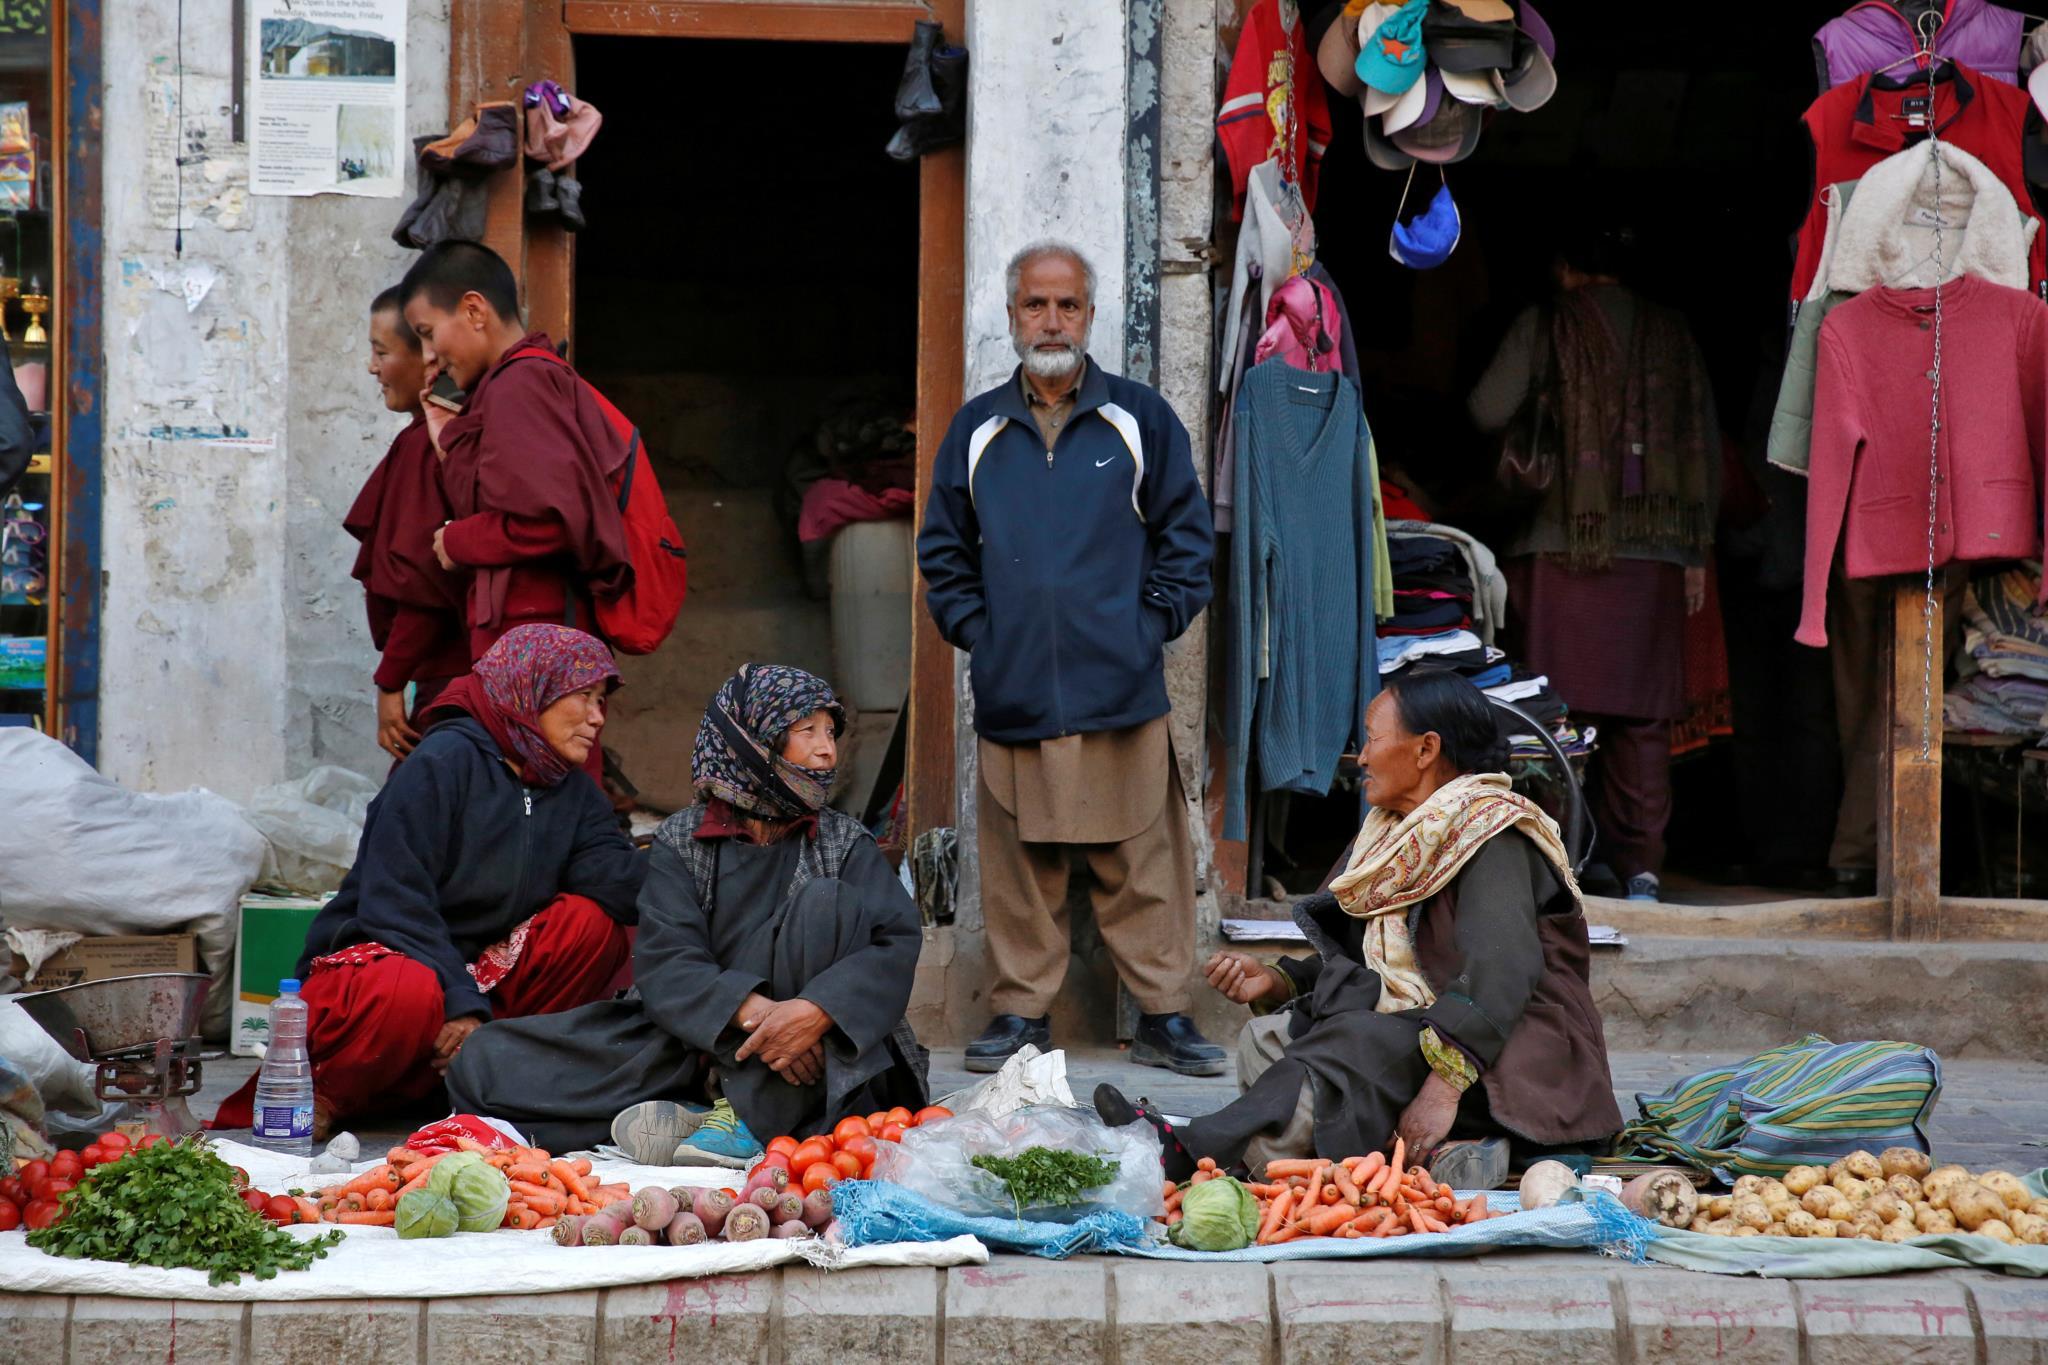 Vendedores de verduras nas ruas da cidade